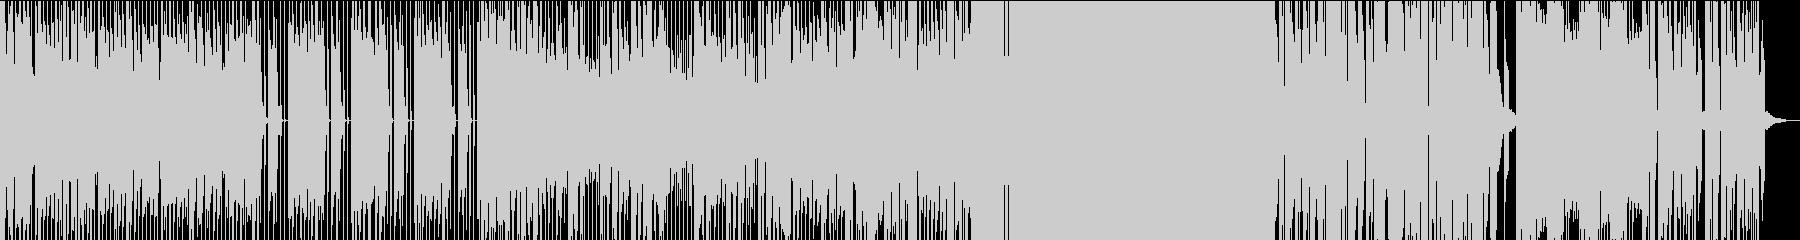 洋楽 EDM  ダーク ボイスリードの未再生の波形